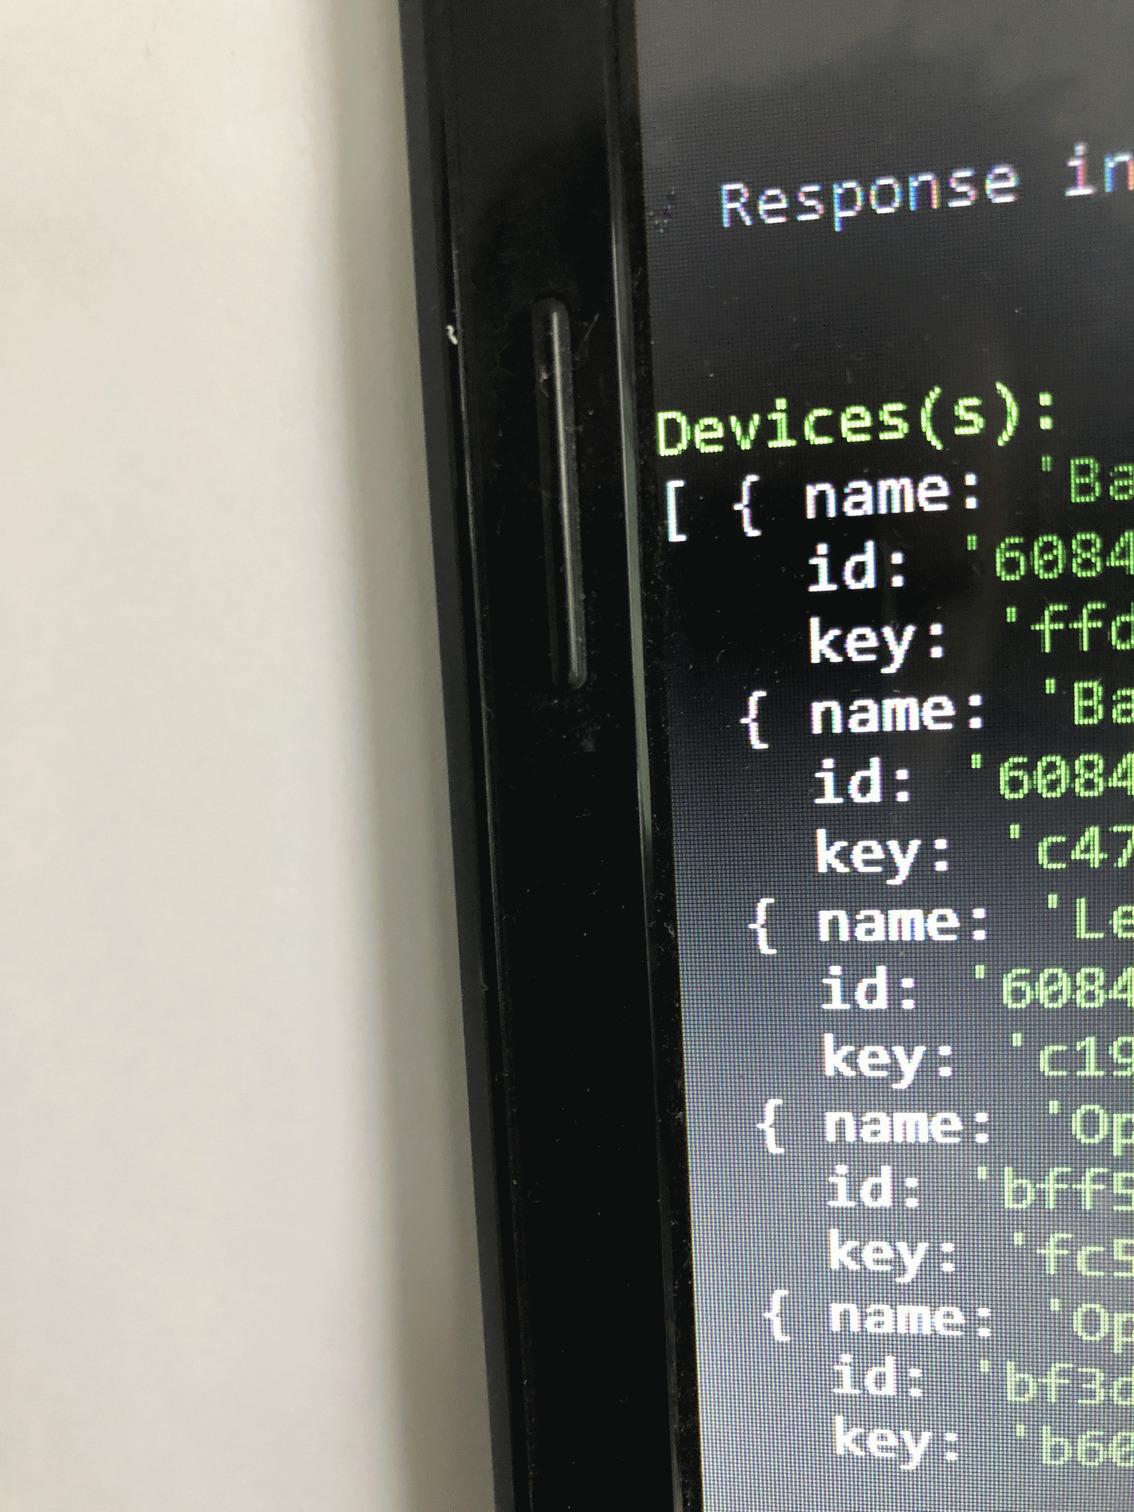 Benodigde codes om de Tuya Smart devices vanuit homey te bedienen. Name / id / key